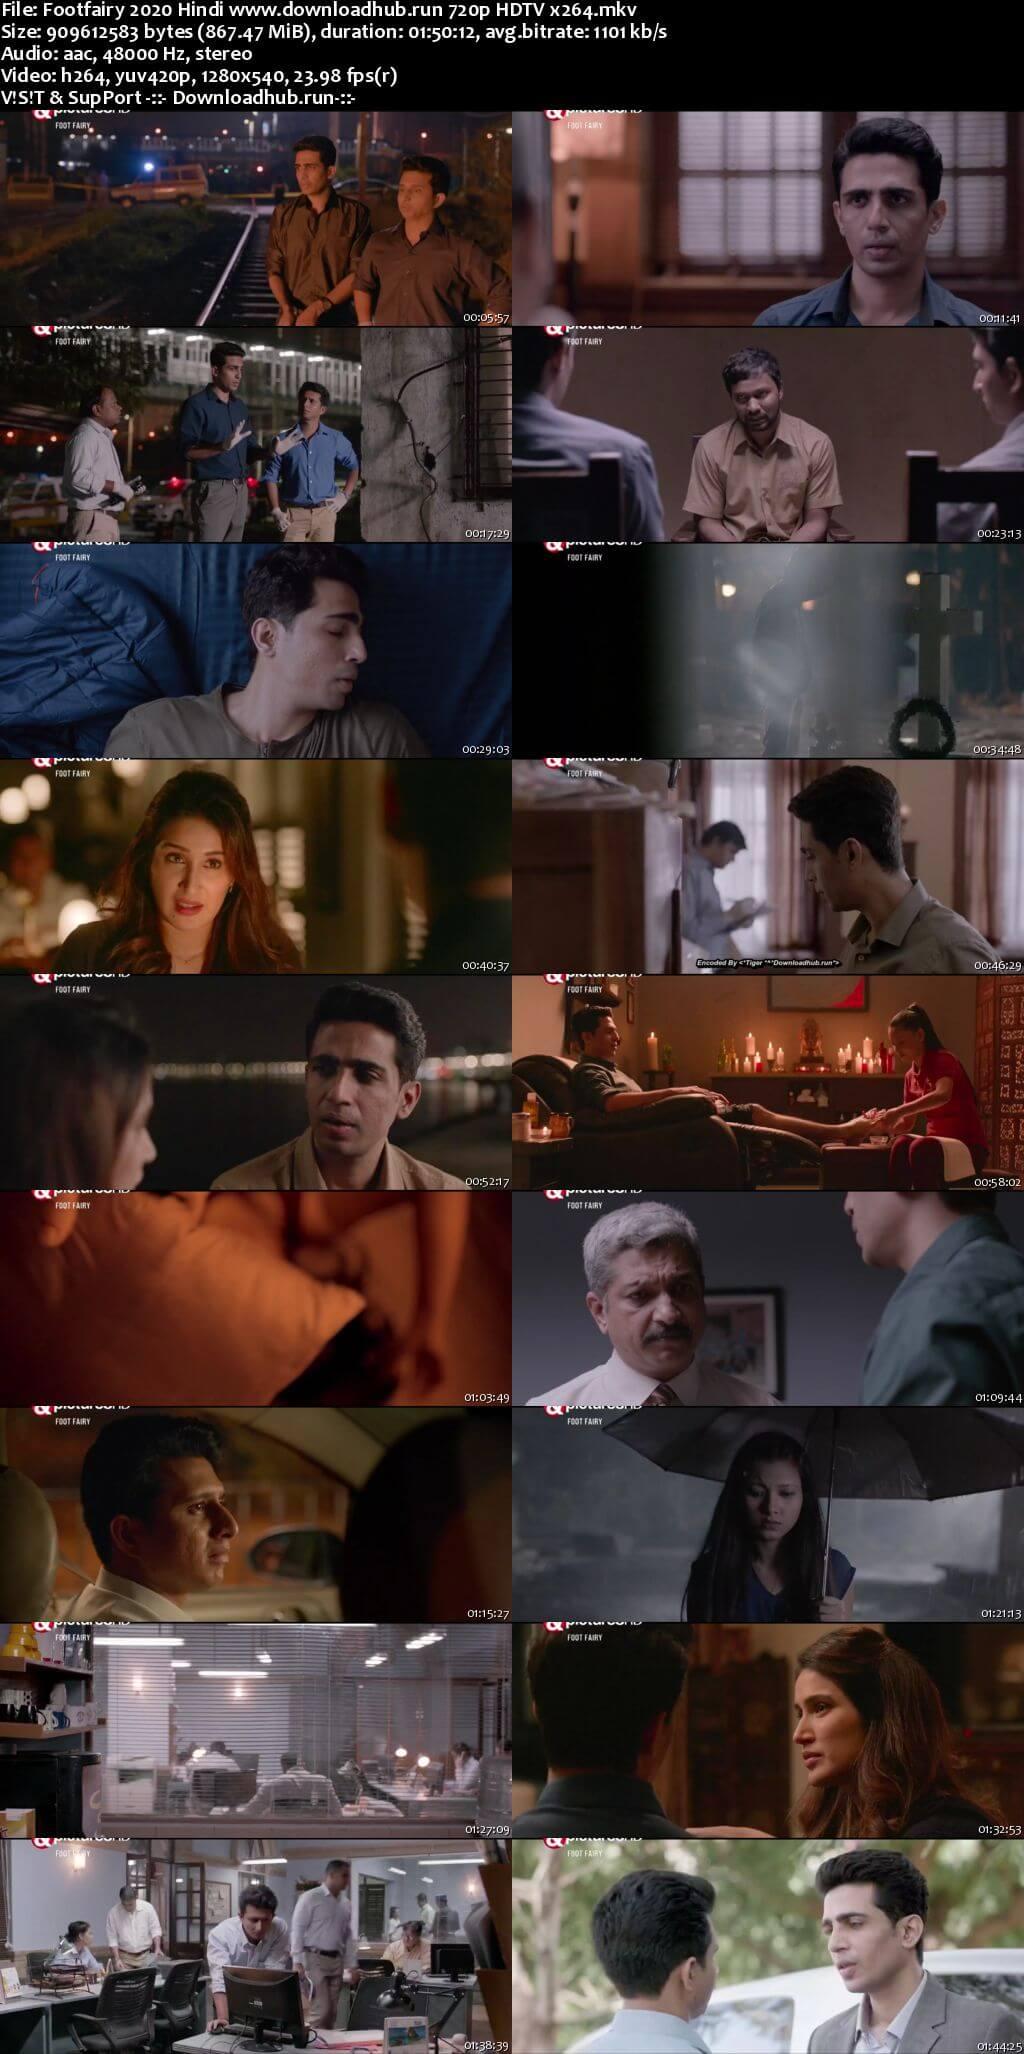 Footfairy 2020 Hindi 720p HDTV x264